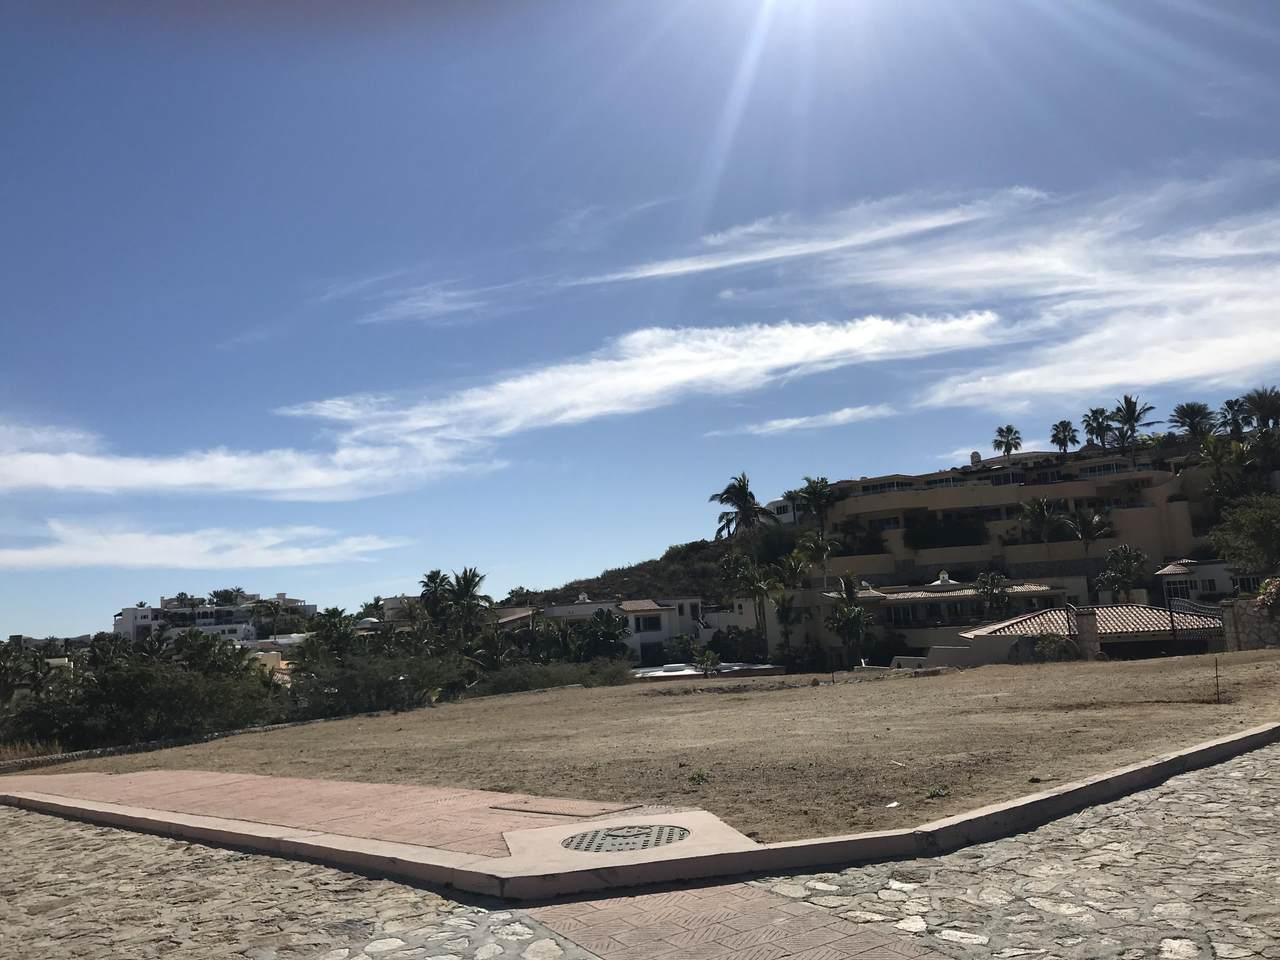 Camino Del Pacifico Alto Lote 14, Manzana 27 - Photo 1